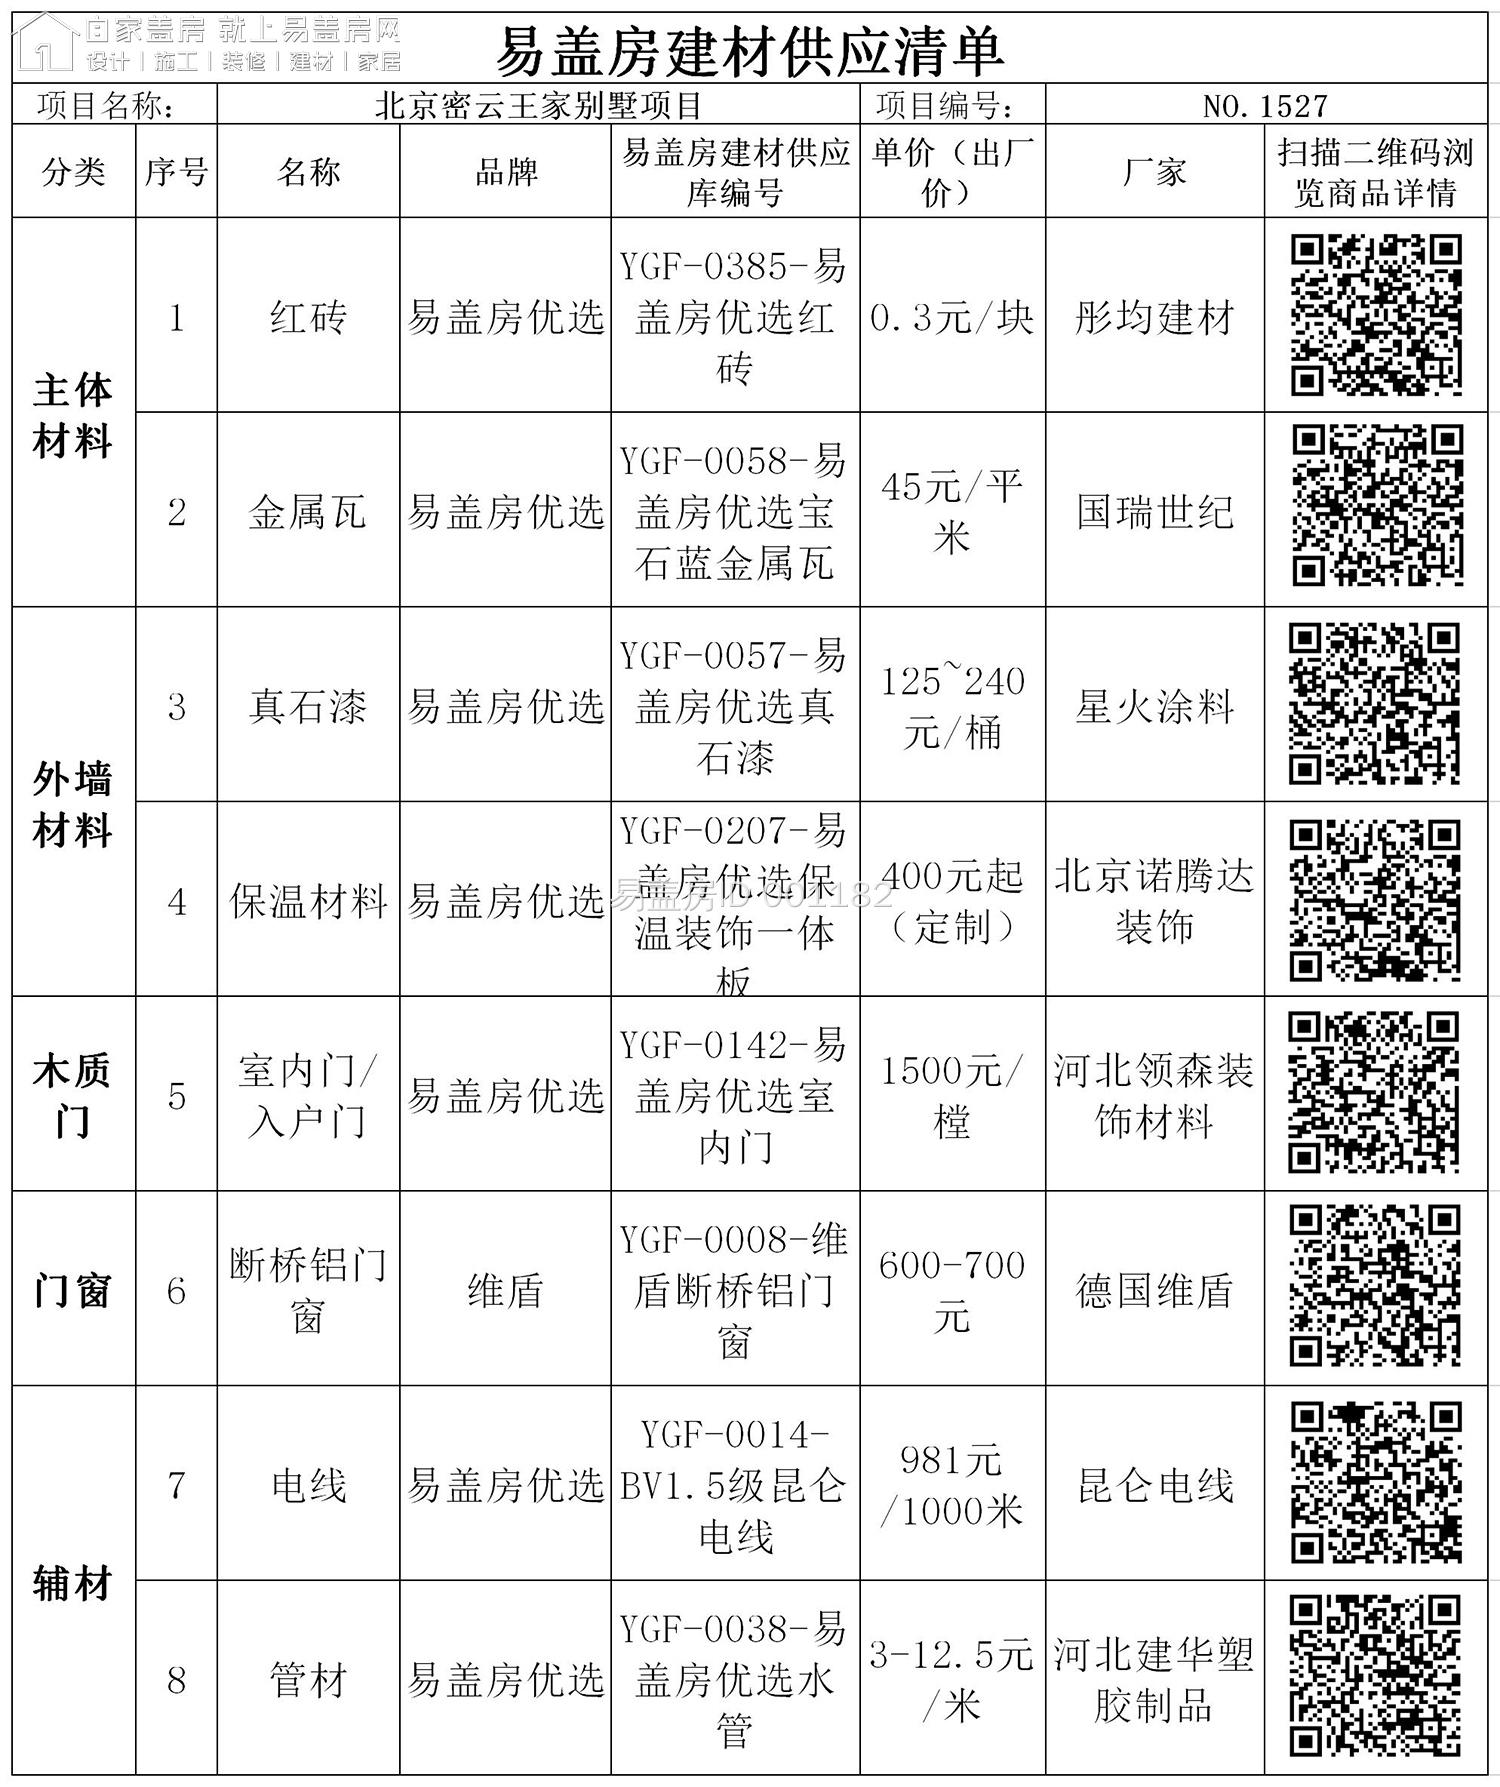 易盖房建材供应清单-北京密云王林别墅.jpg